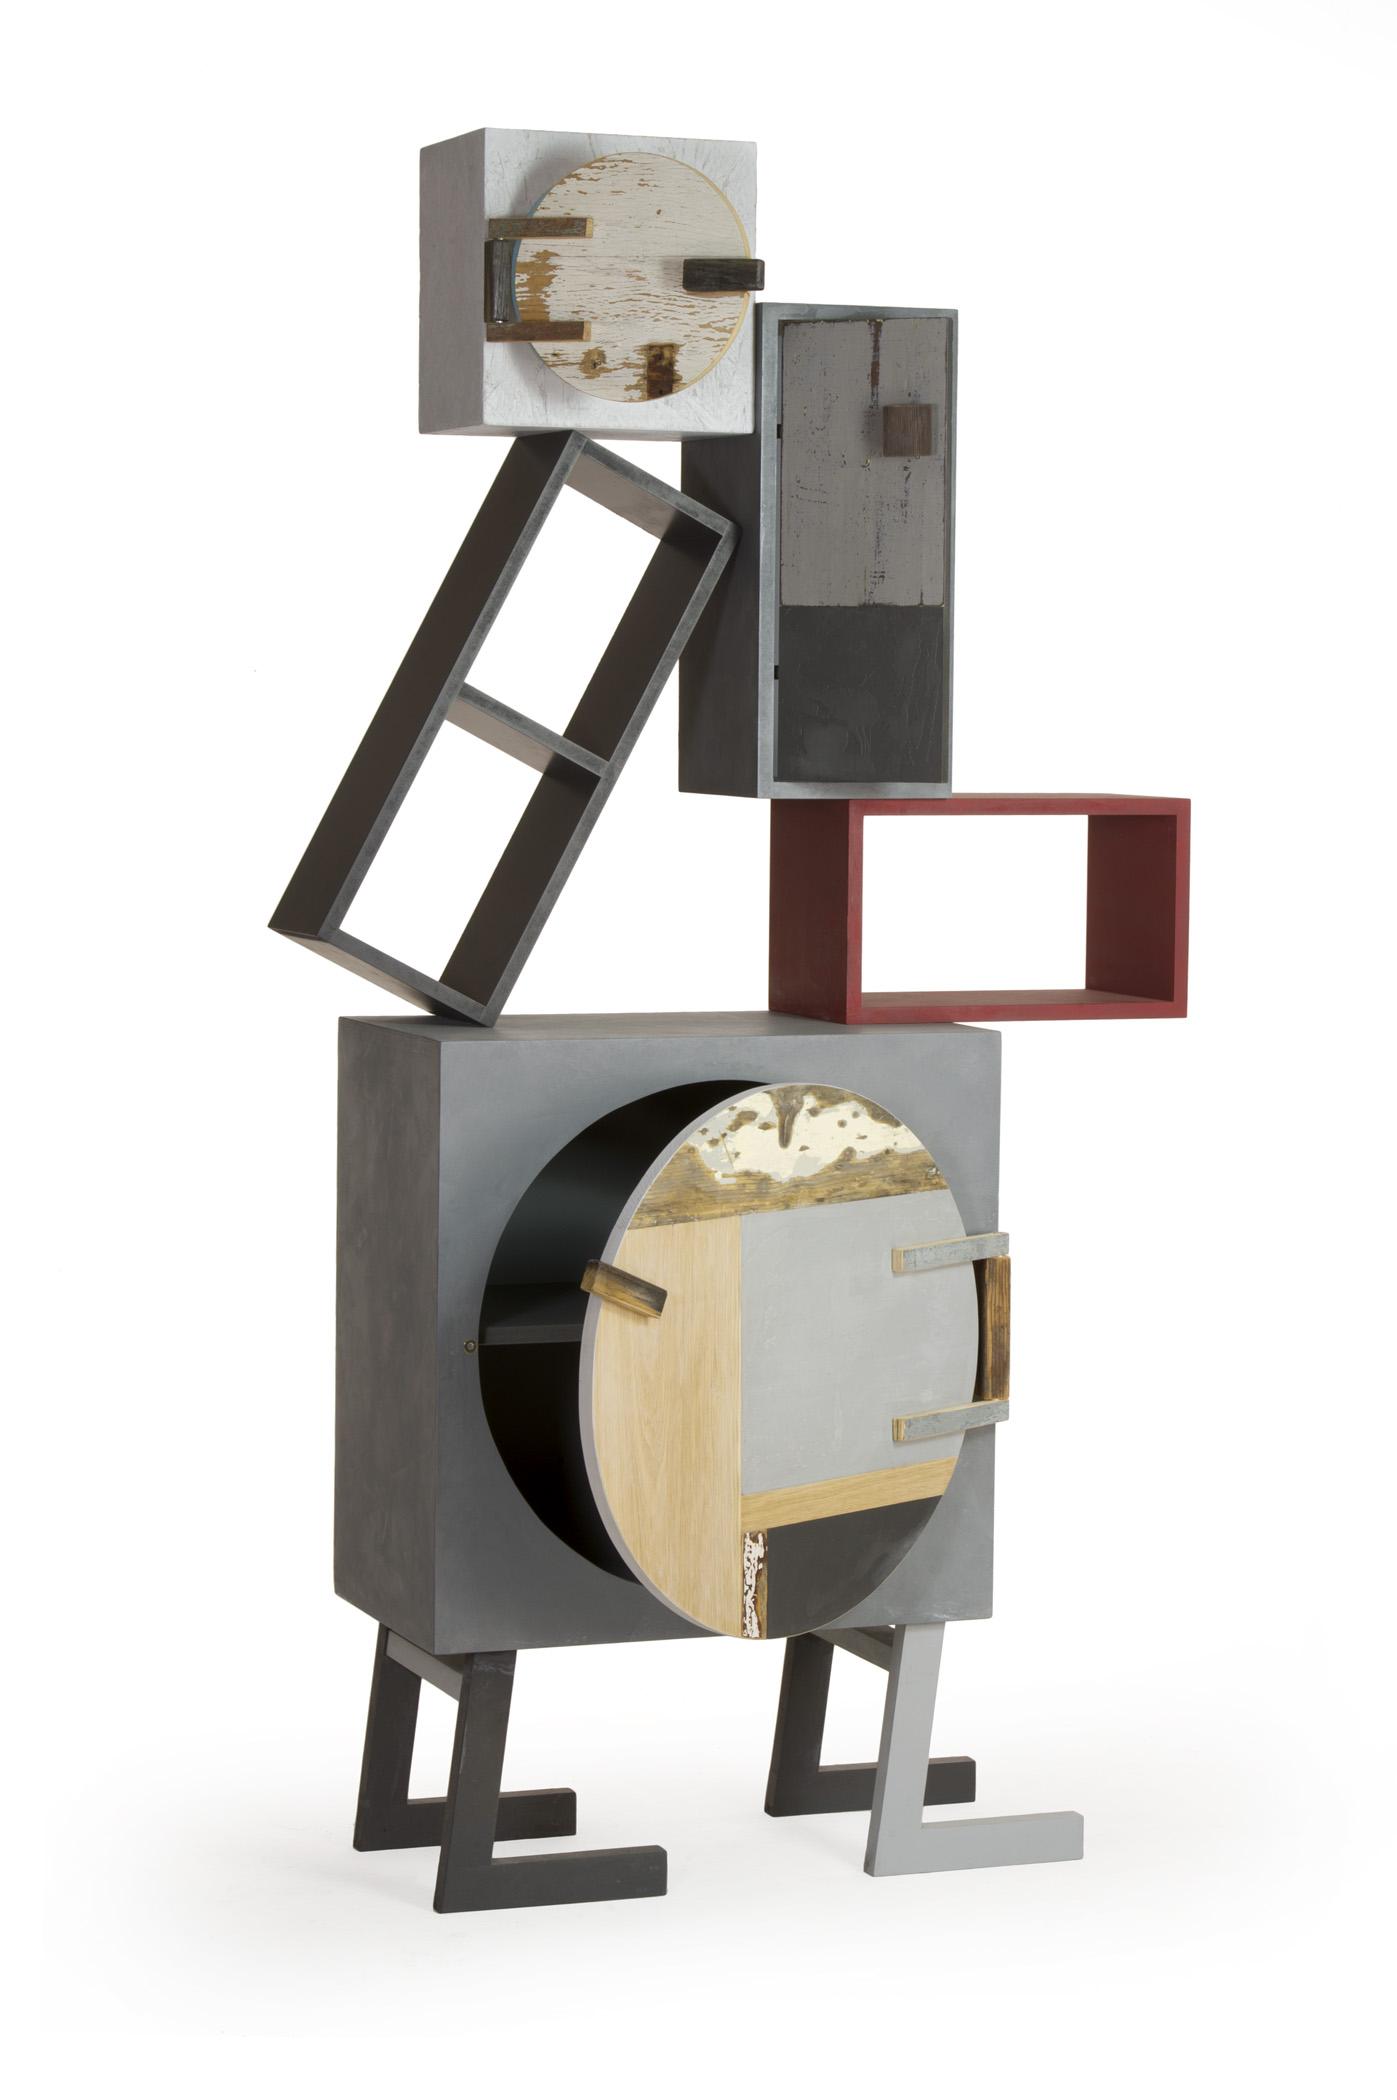 Mobile di design in legno, disegno unico